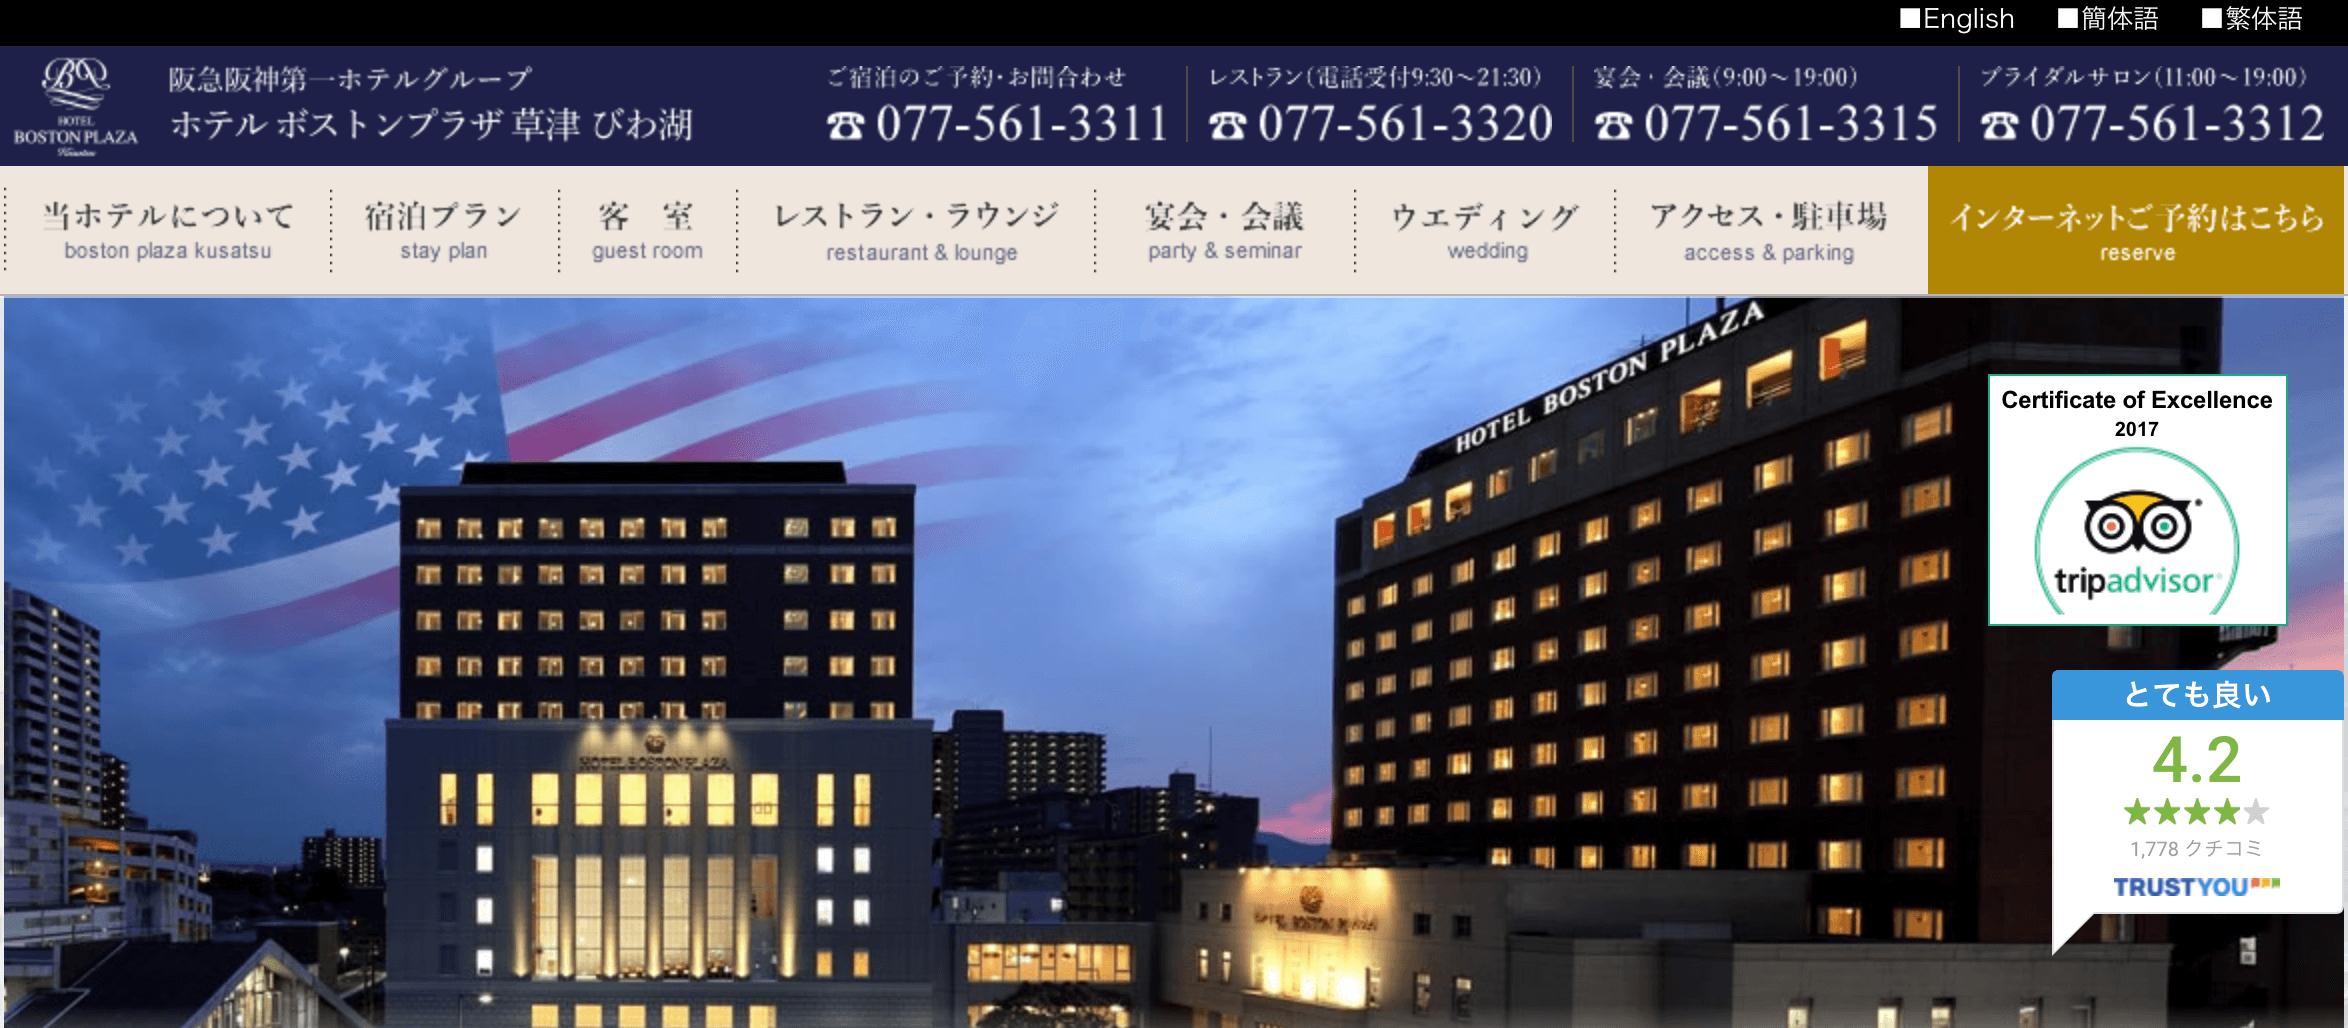 滋賀でパパ活におすすめなホテル「ホテルボストンプラザ草津びわ湖」